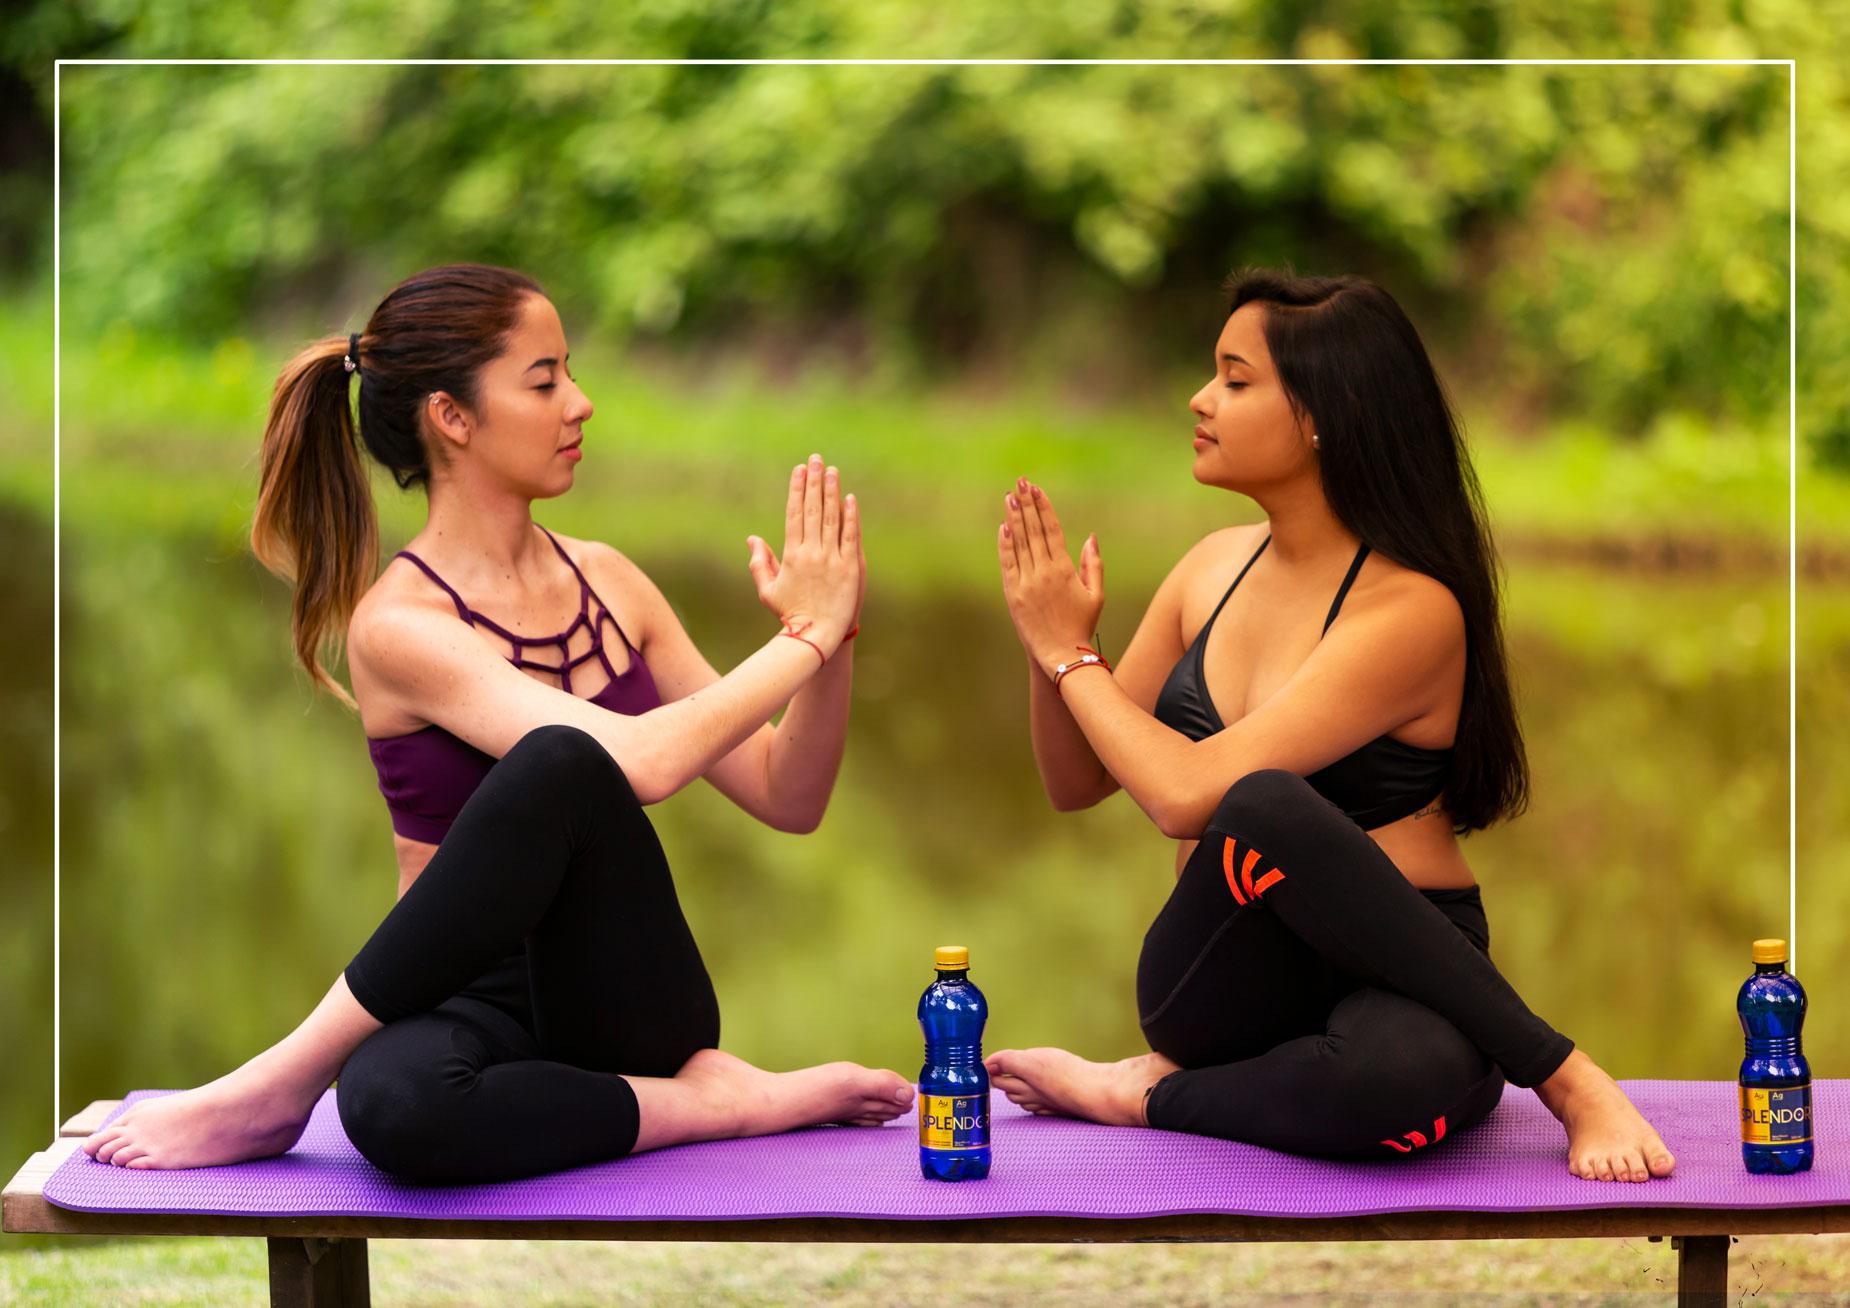 Beber agua ayuda a calmar el estrés y la ansiedad